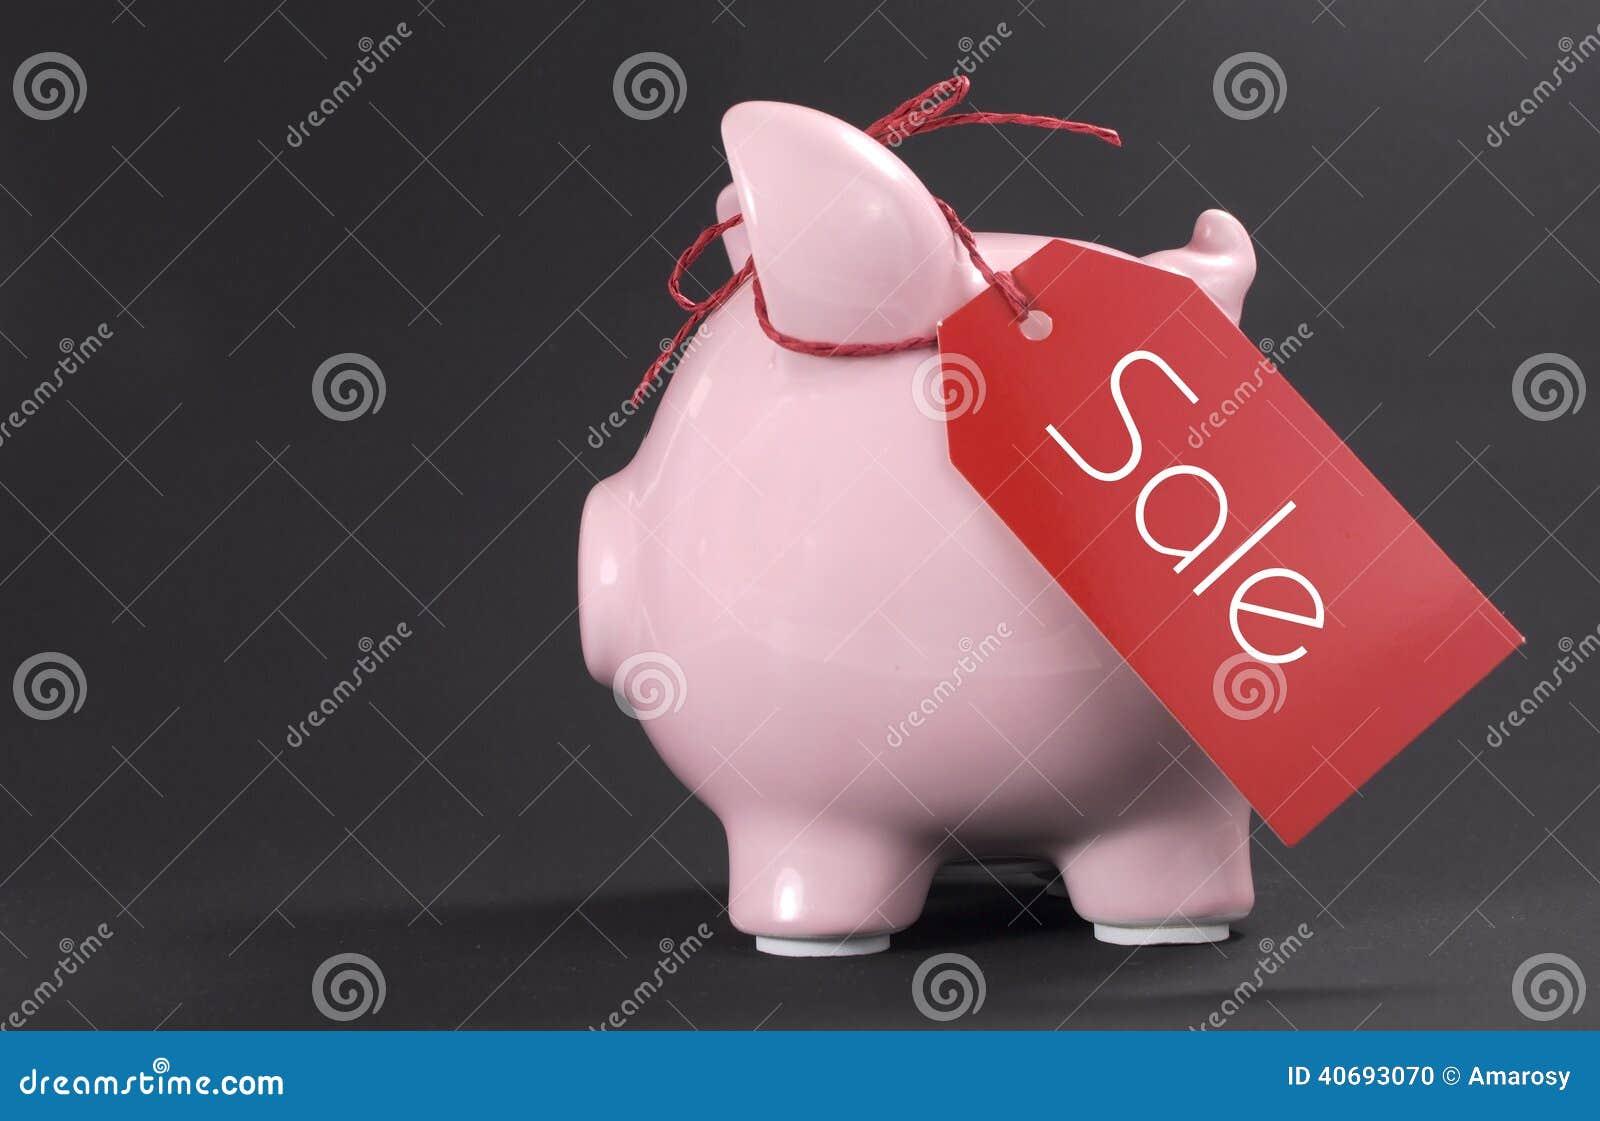 Black Friday-het winkelen verkoopconcept met het rode de markering van de kaartjesverkoop hangen van spaarvarken